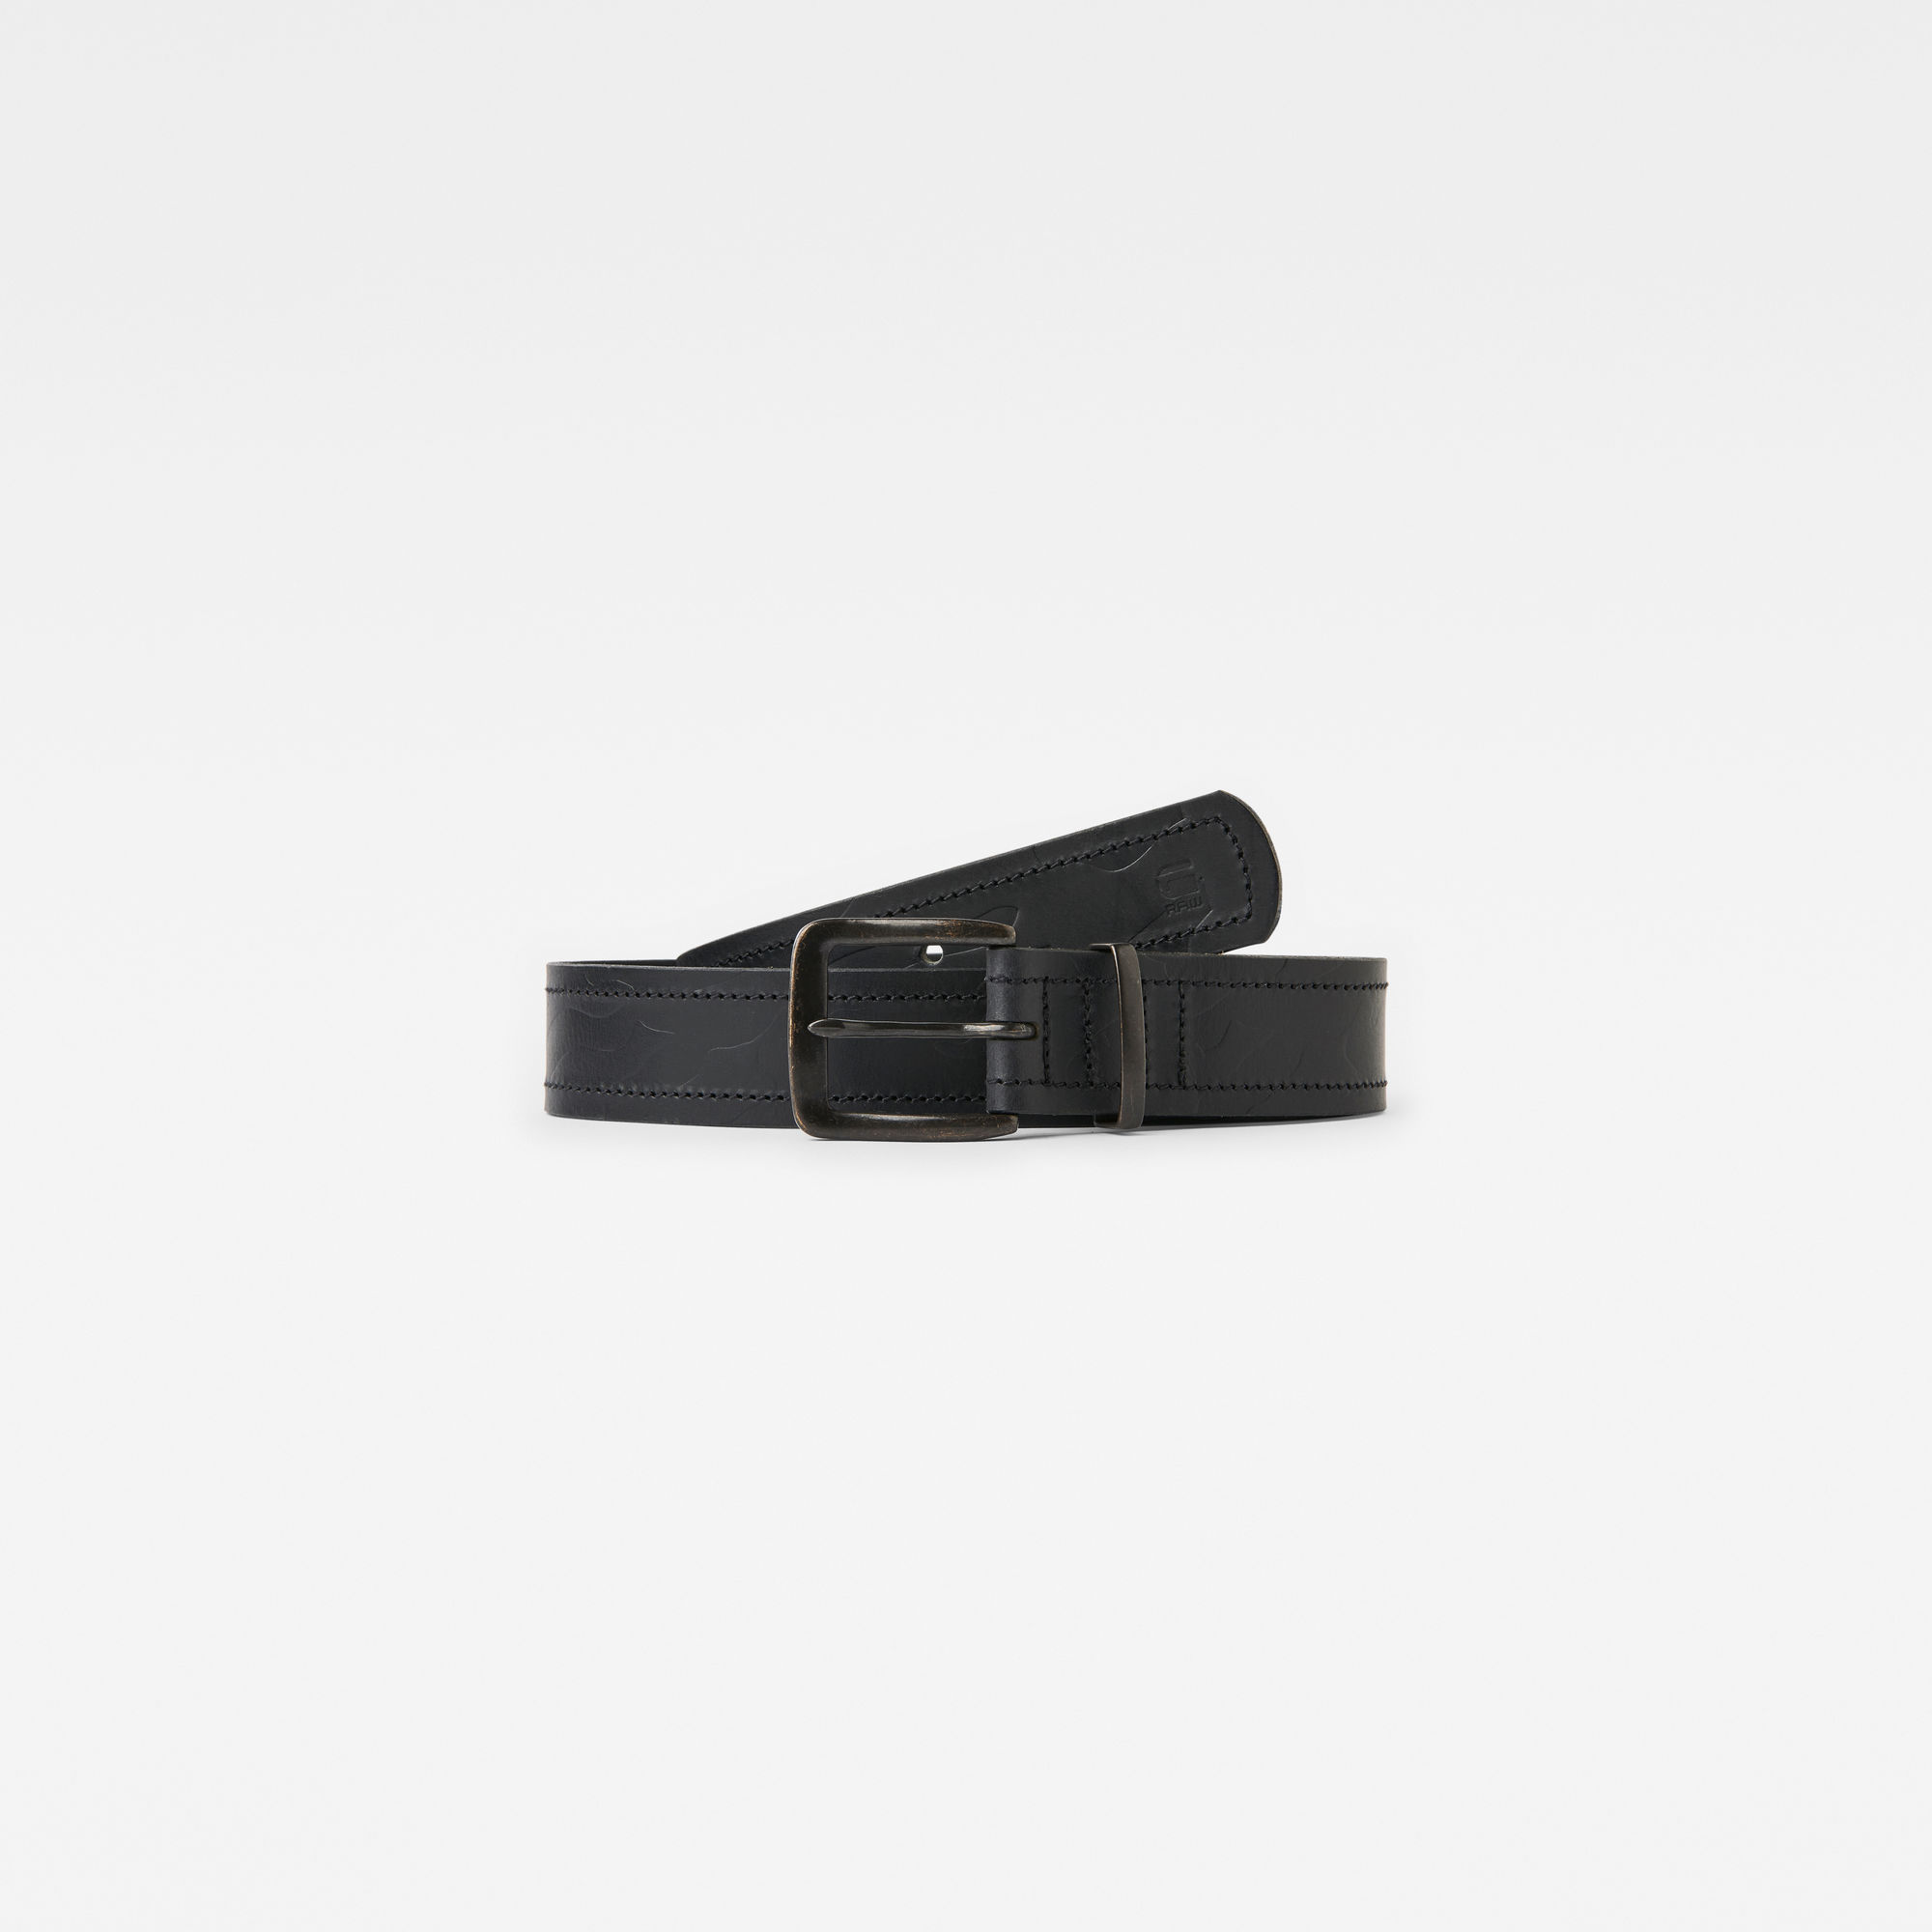 Image of G Star Raw Drego Deboss Belt